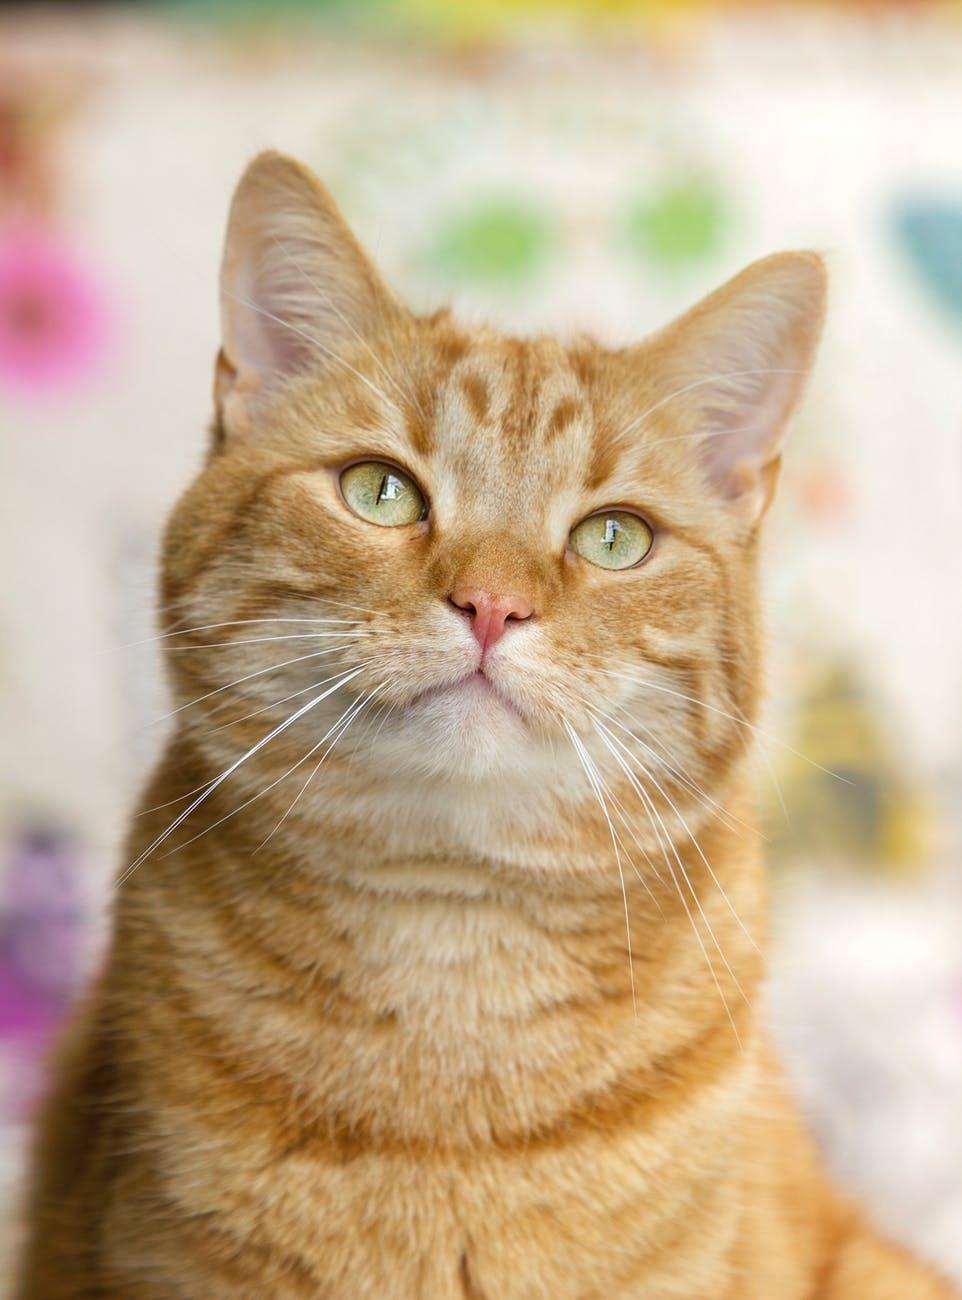 Un chat roux est attentif. On peut observer ses expressions faciales qui nous indiquent qu'il exprime une émotion positive.